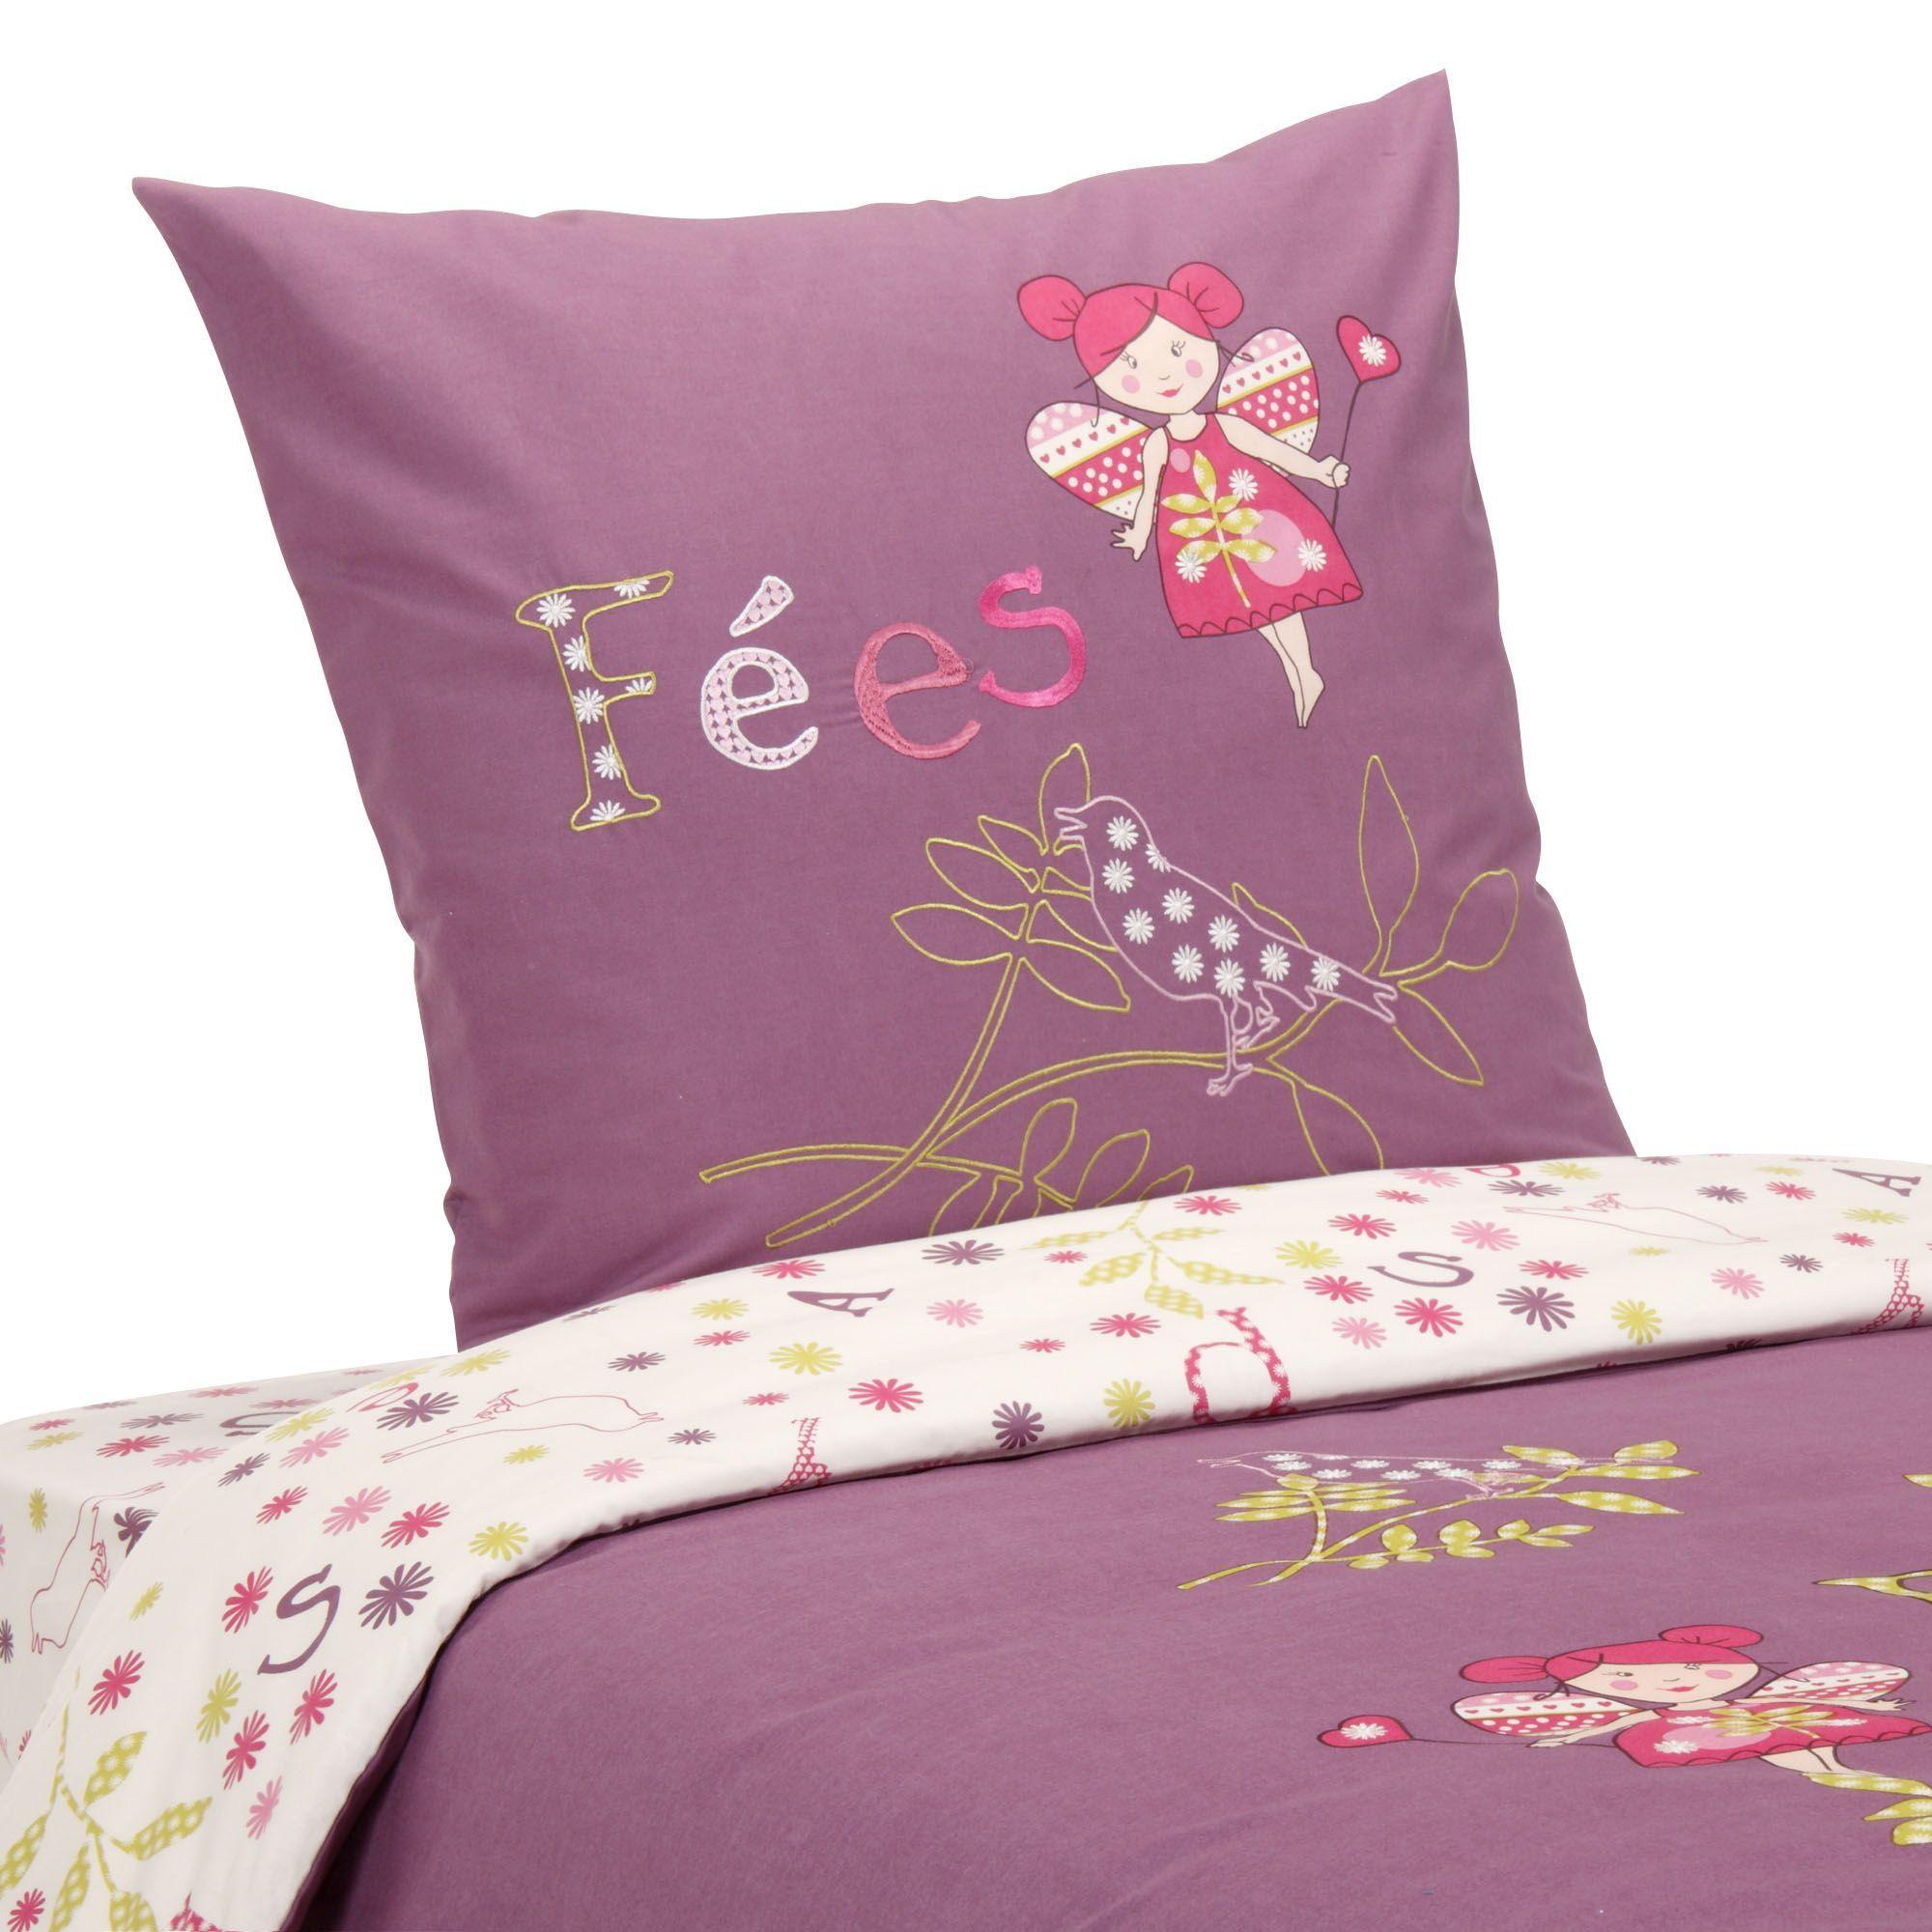 parure de couette enfant 1 place pays des f es le linge de lit enfant alinea enfants. Black Bedroom Furniture Sets. Home Design Ideas